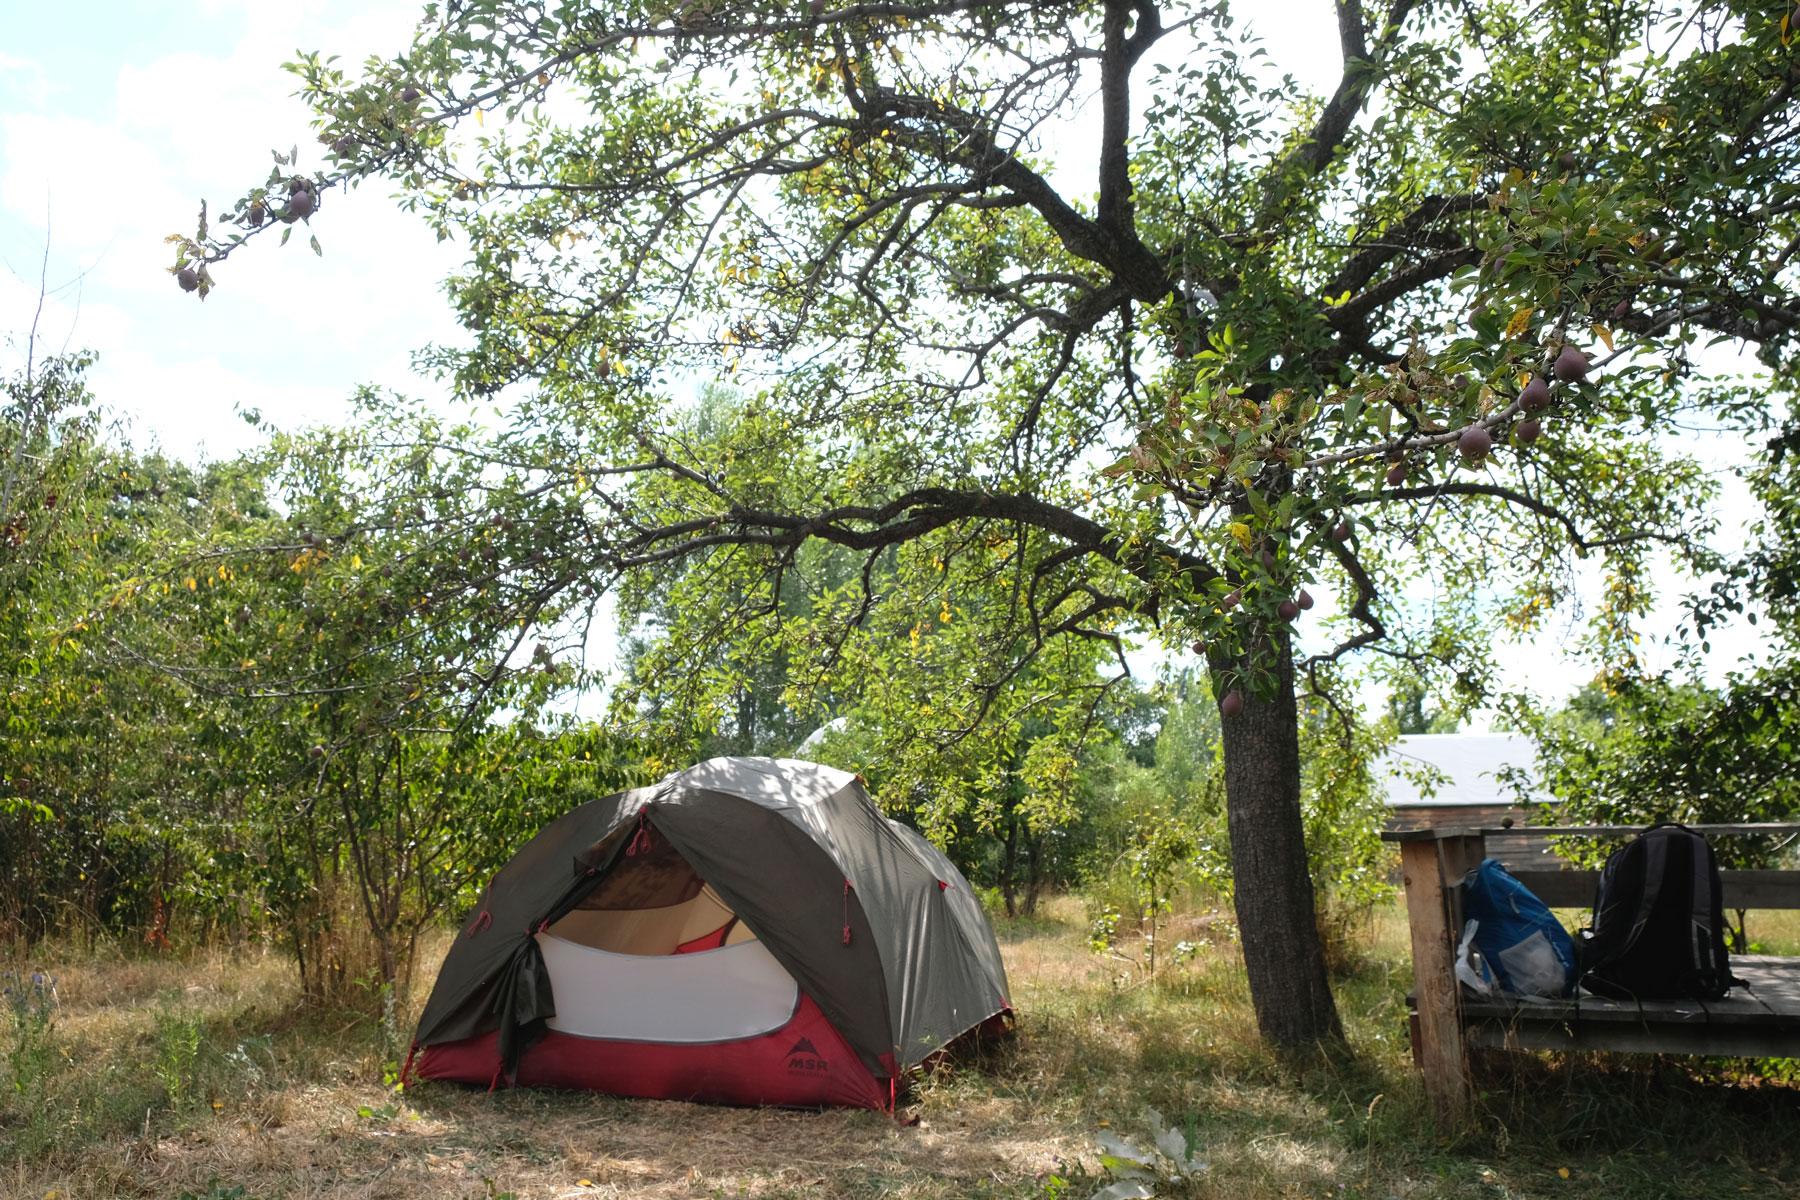 Unser hübscher Zeltplatz. Und einen Tapchan, das riesige Sofa oder Bett, haben wir auch direkt daneben!